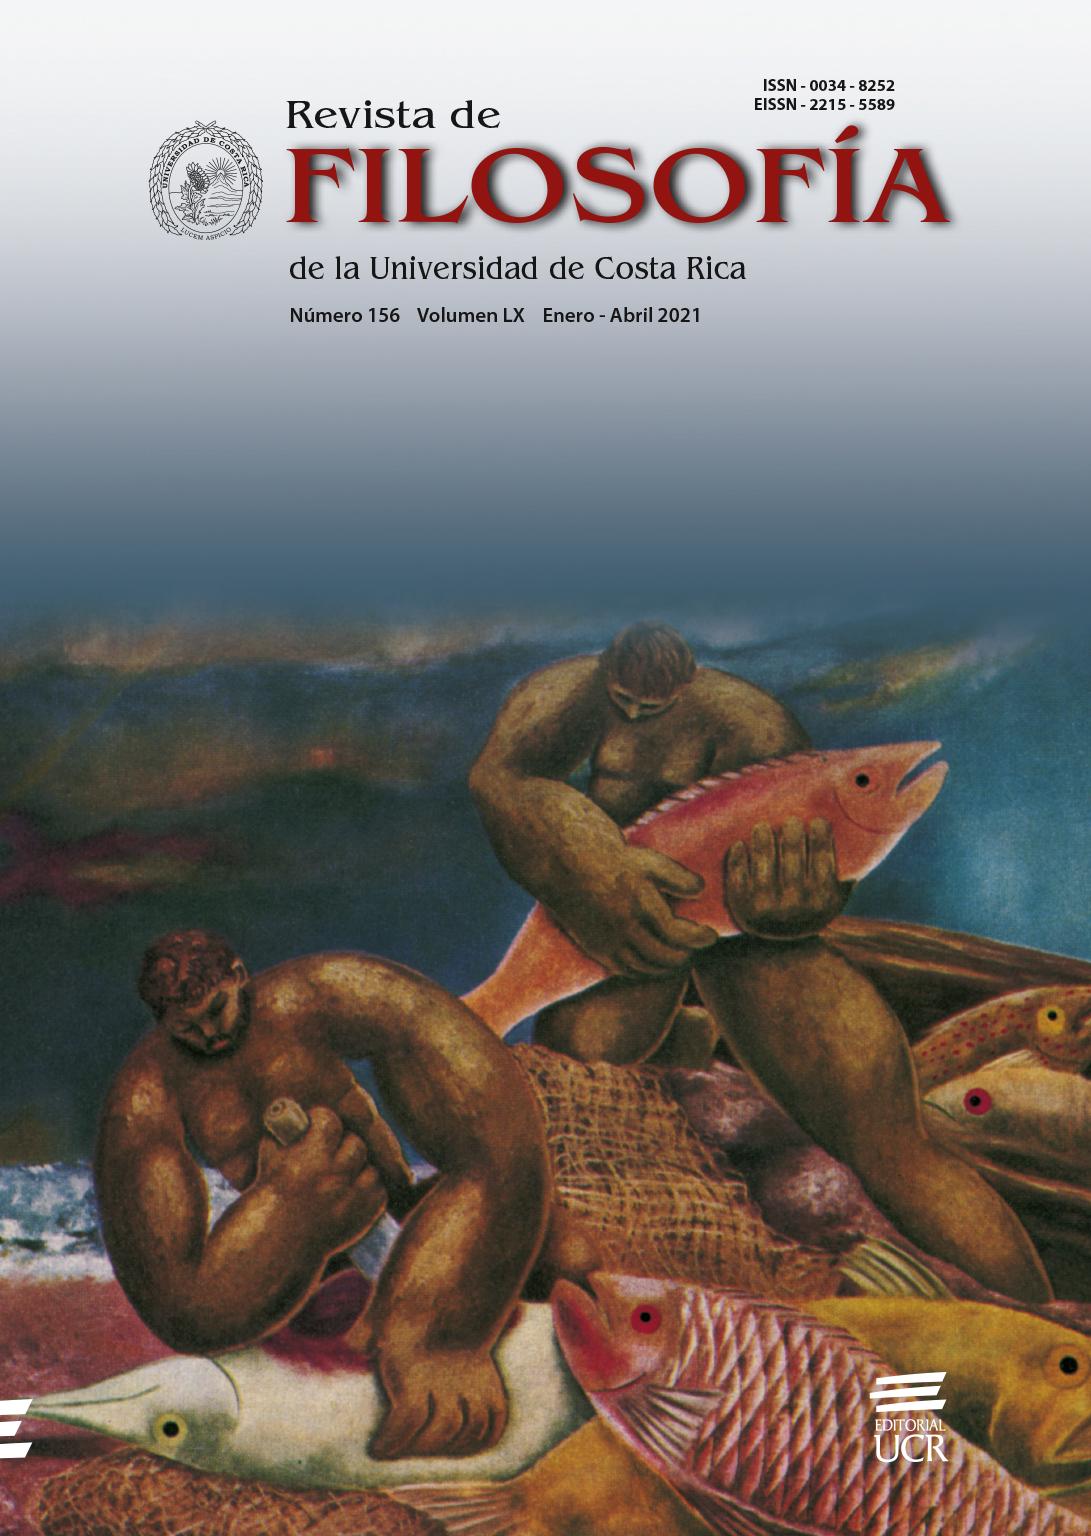 """Portada de la revista de Filosofía de la Universidad de Costa Rica, en imagen """"pescadores de Cojimar"""""""